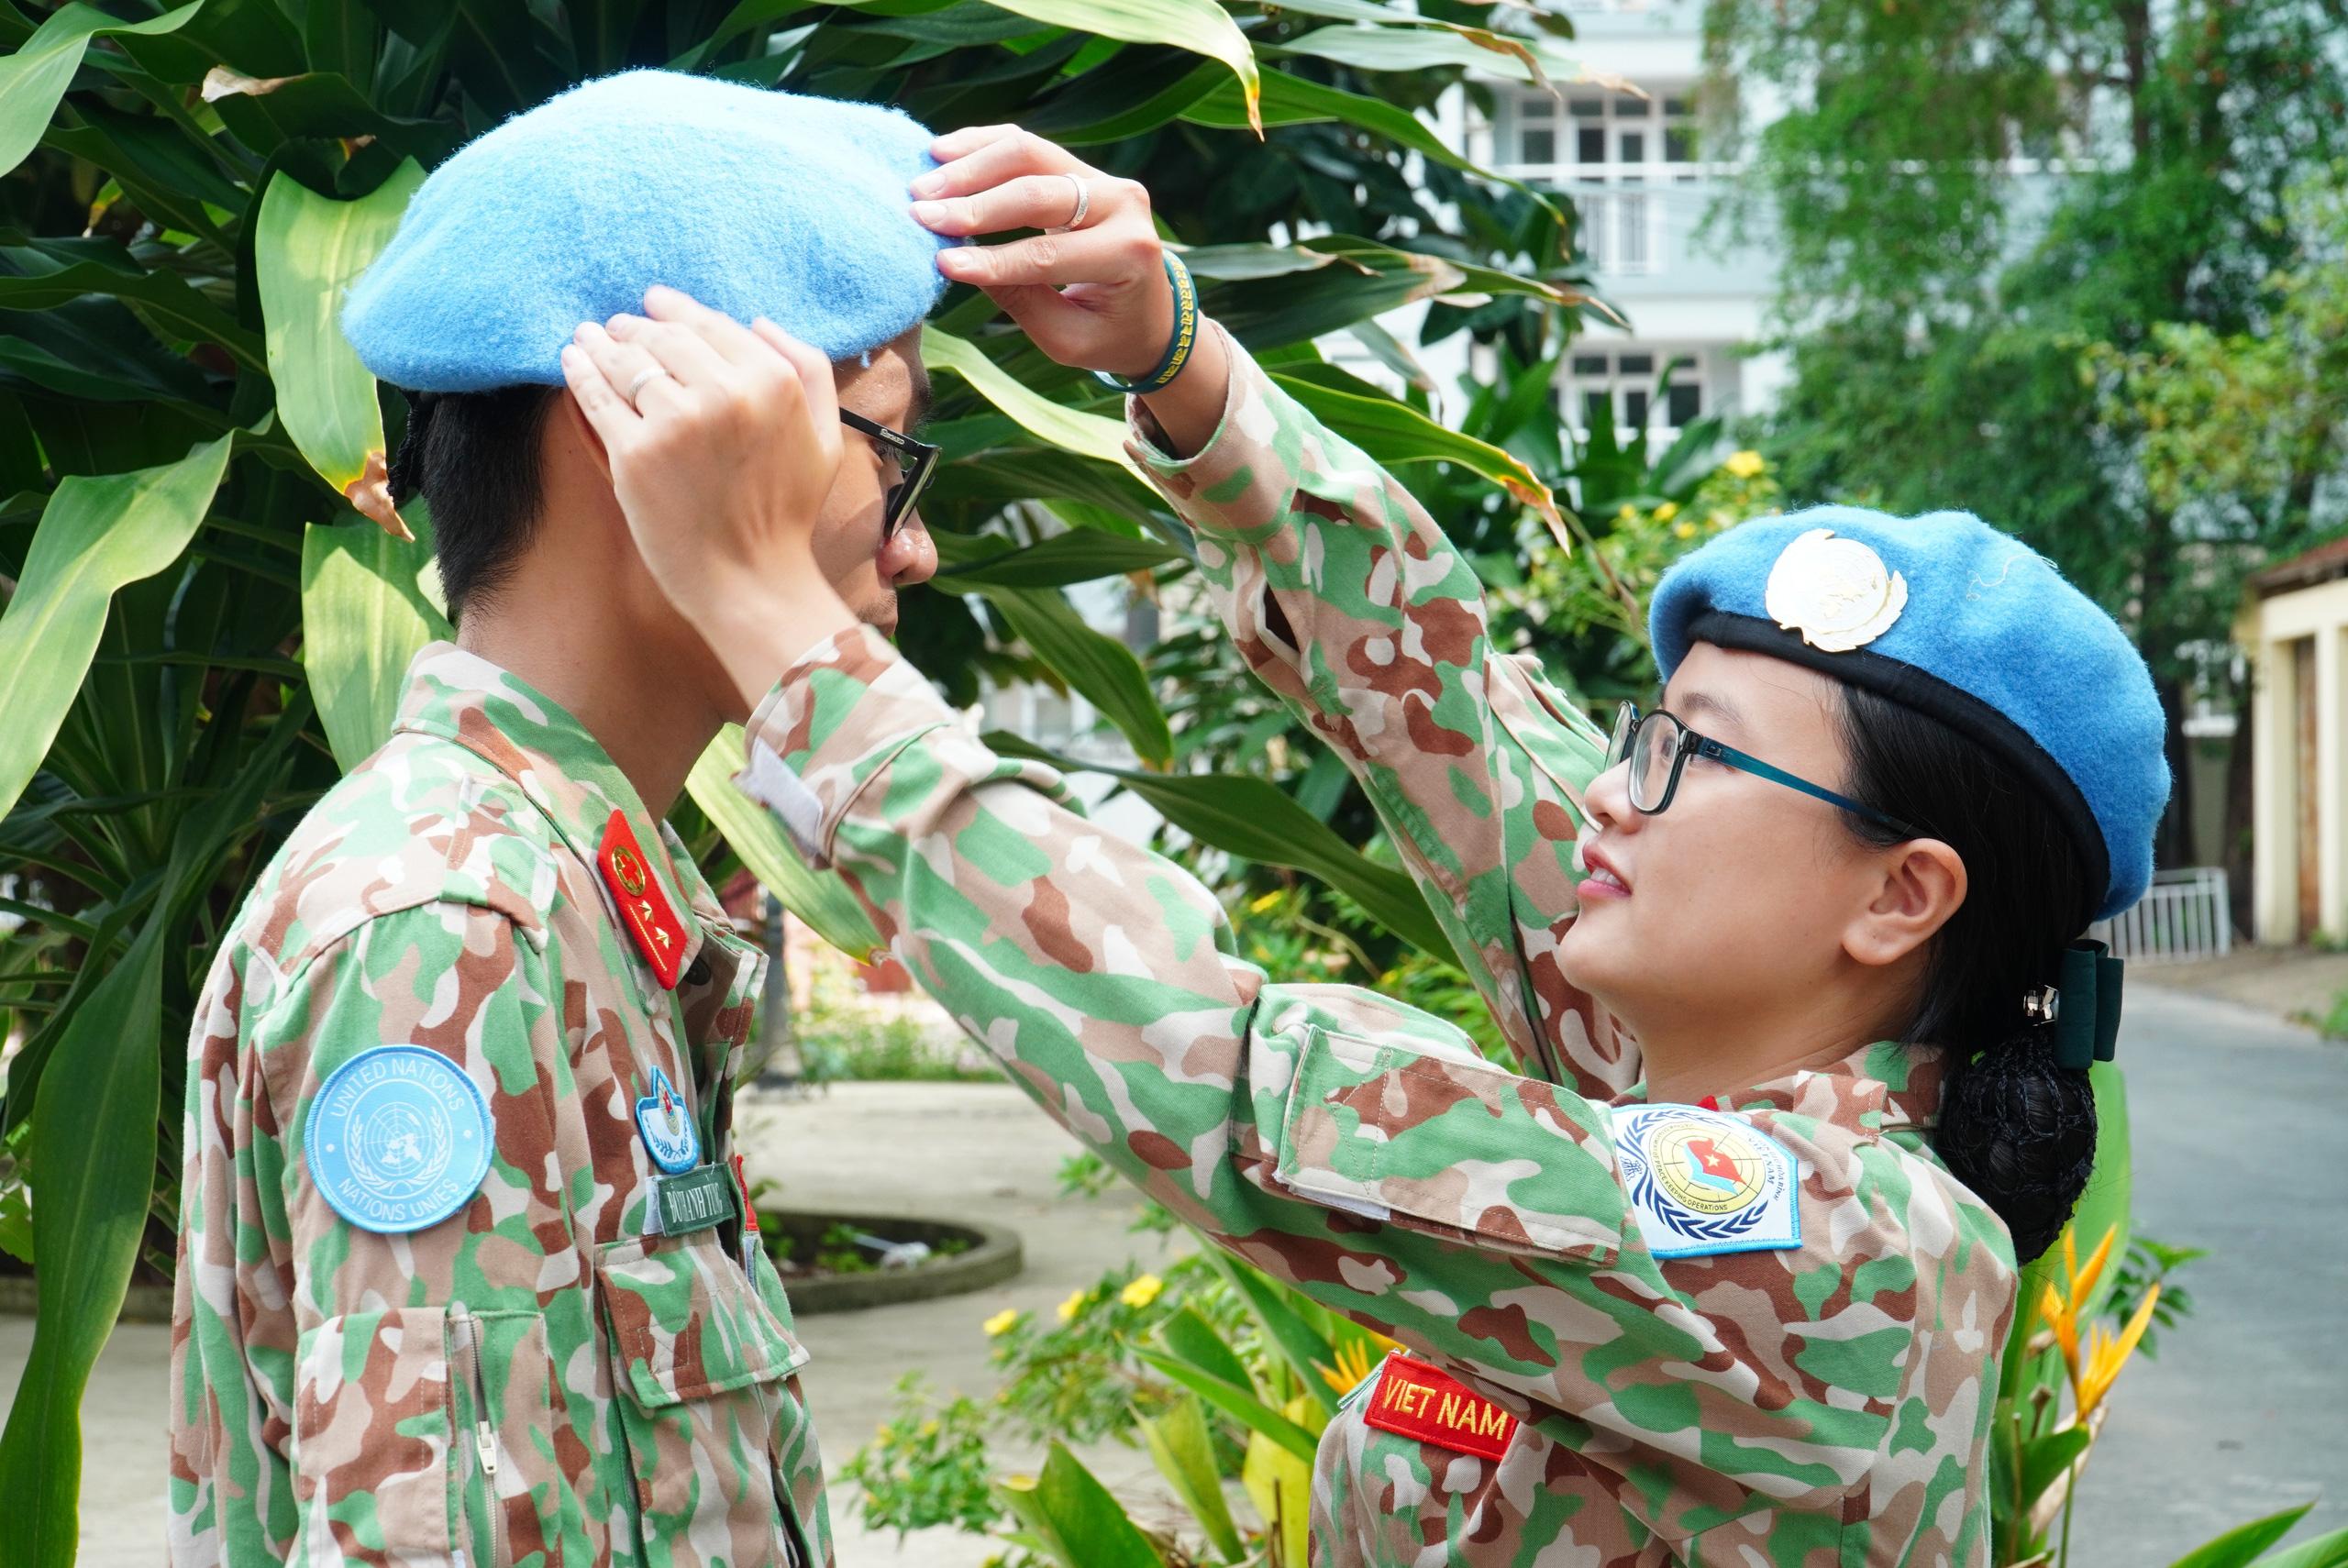 Gác chuyện riêng, vợ chồng mũ nồi xanh lên đường gìn giữ hòa bình - Ảnh 10.